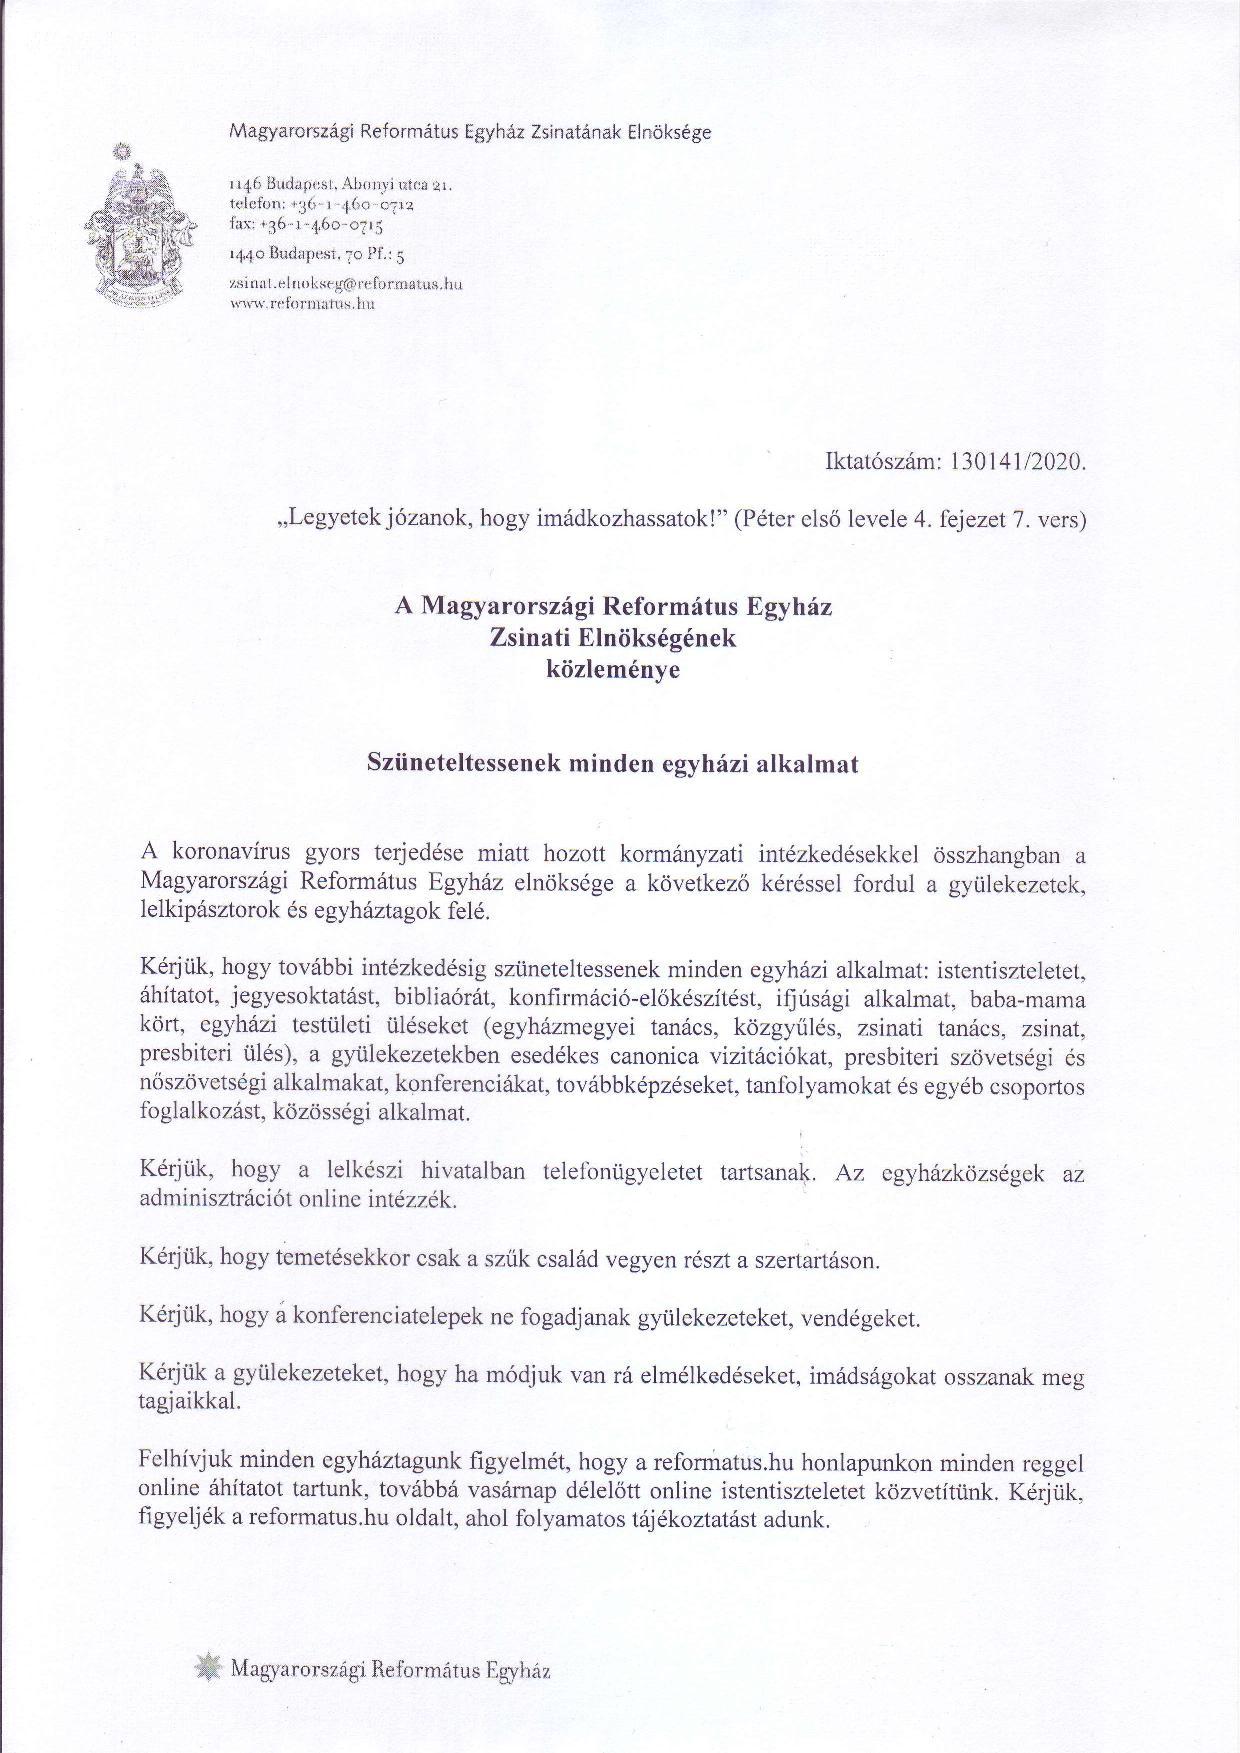 A Magyarországi Református Egyház Zsinati Elnökségének közleménye - 1. oldal